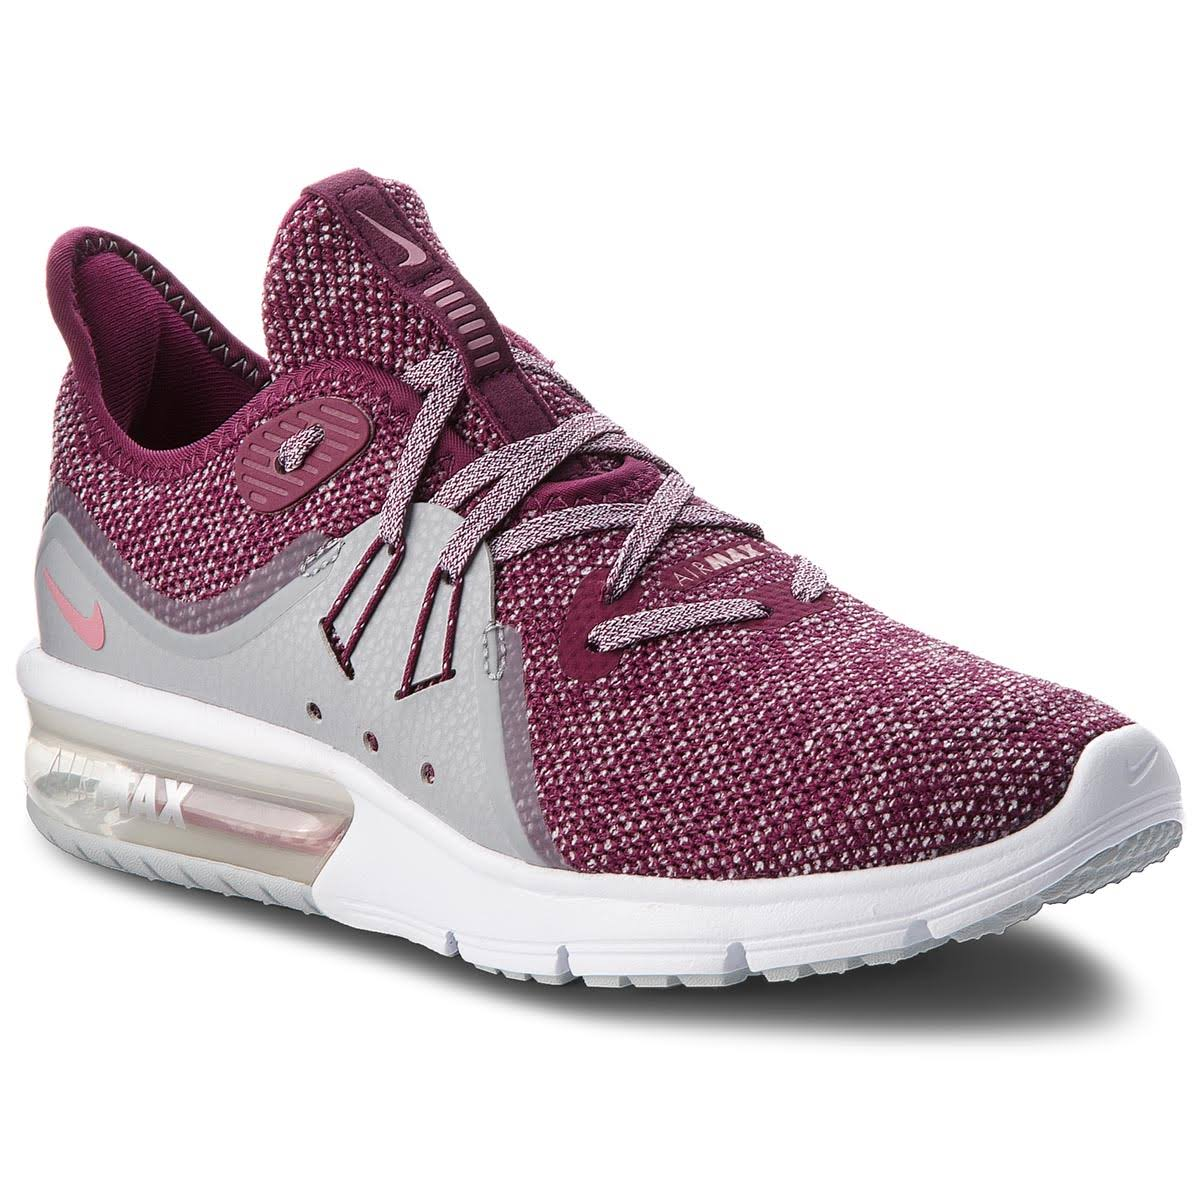 Air Sequent Max 3 WomenBordeaux Nike UzqSVpGM